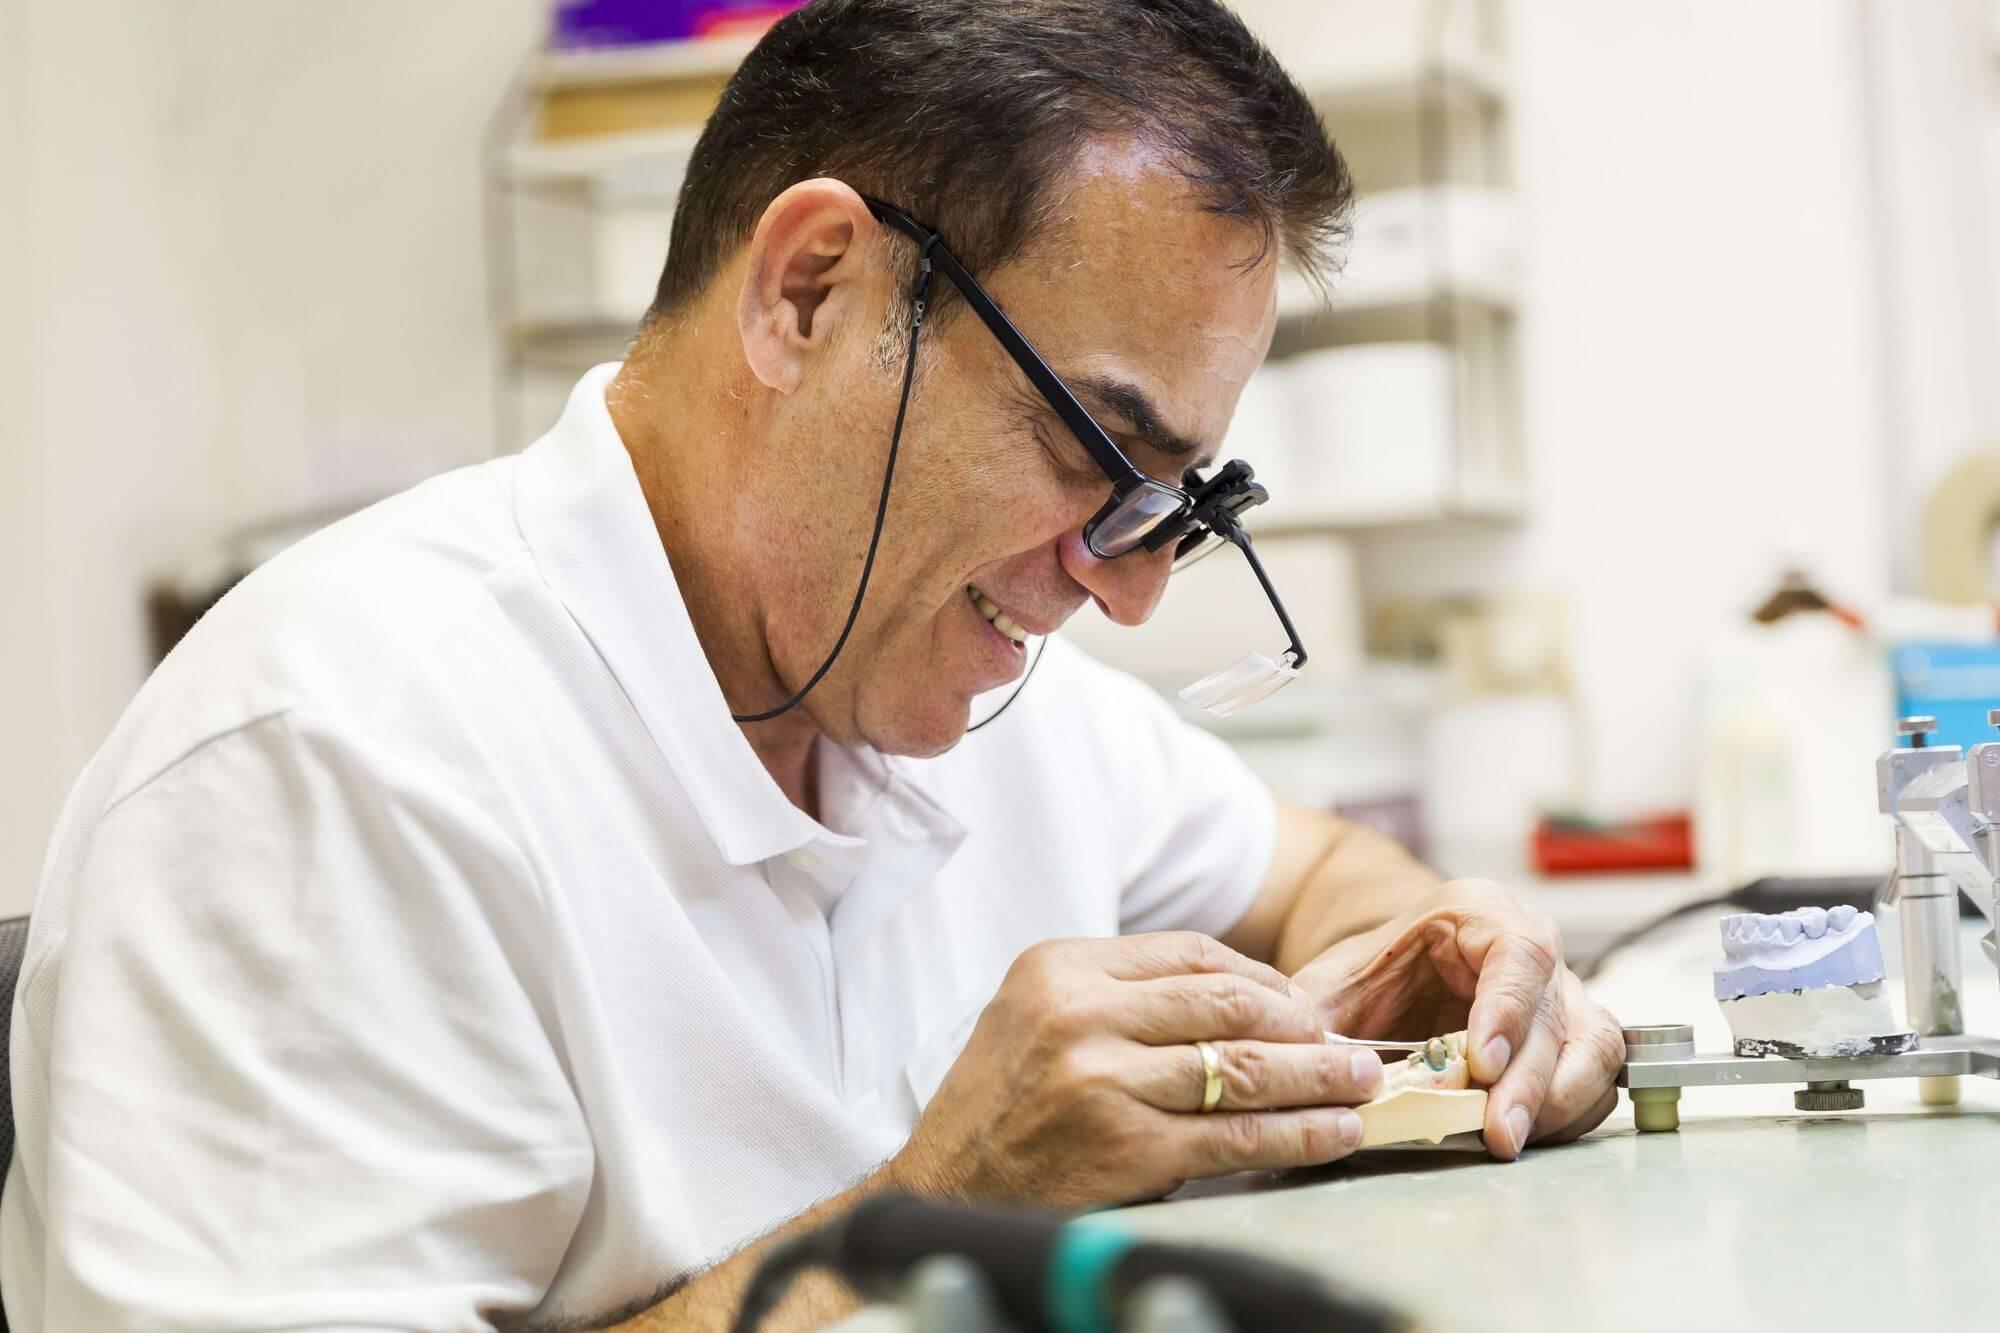 Zahntechniker-Meister mit Spezialbrille bei der Arbeit